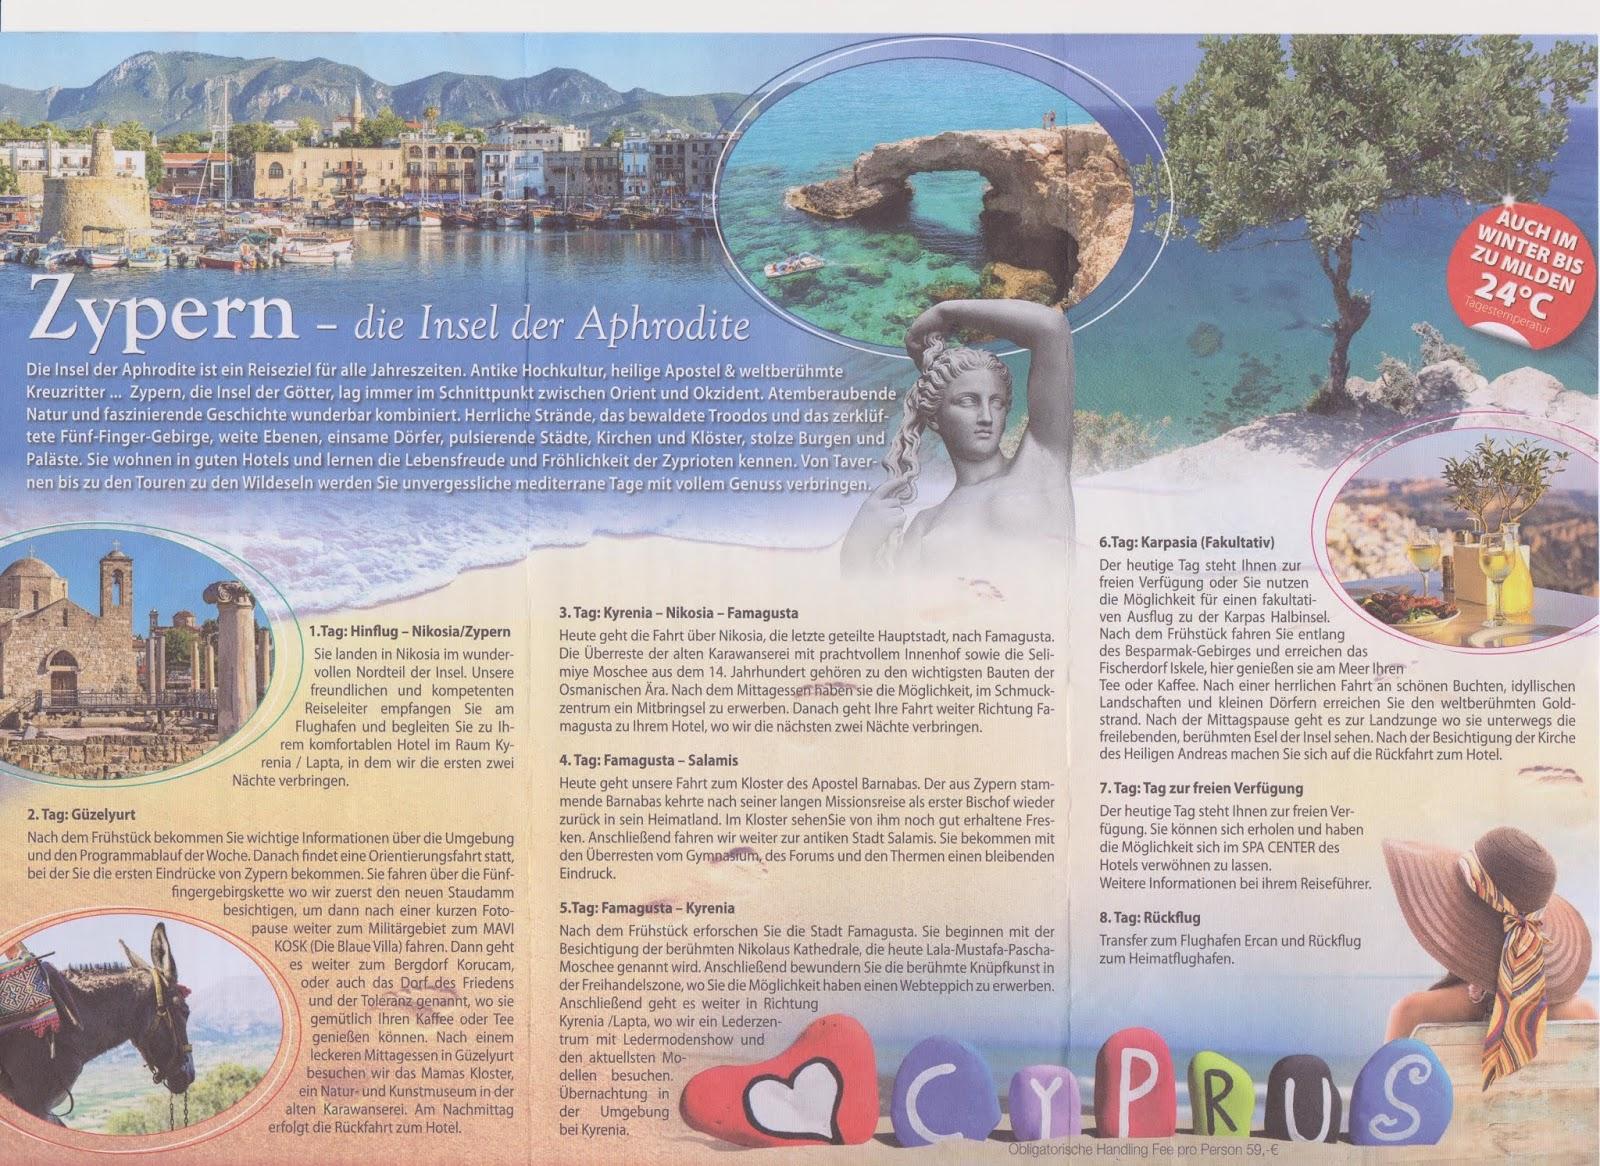 Reise Nach Zypern Gewonnen